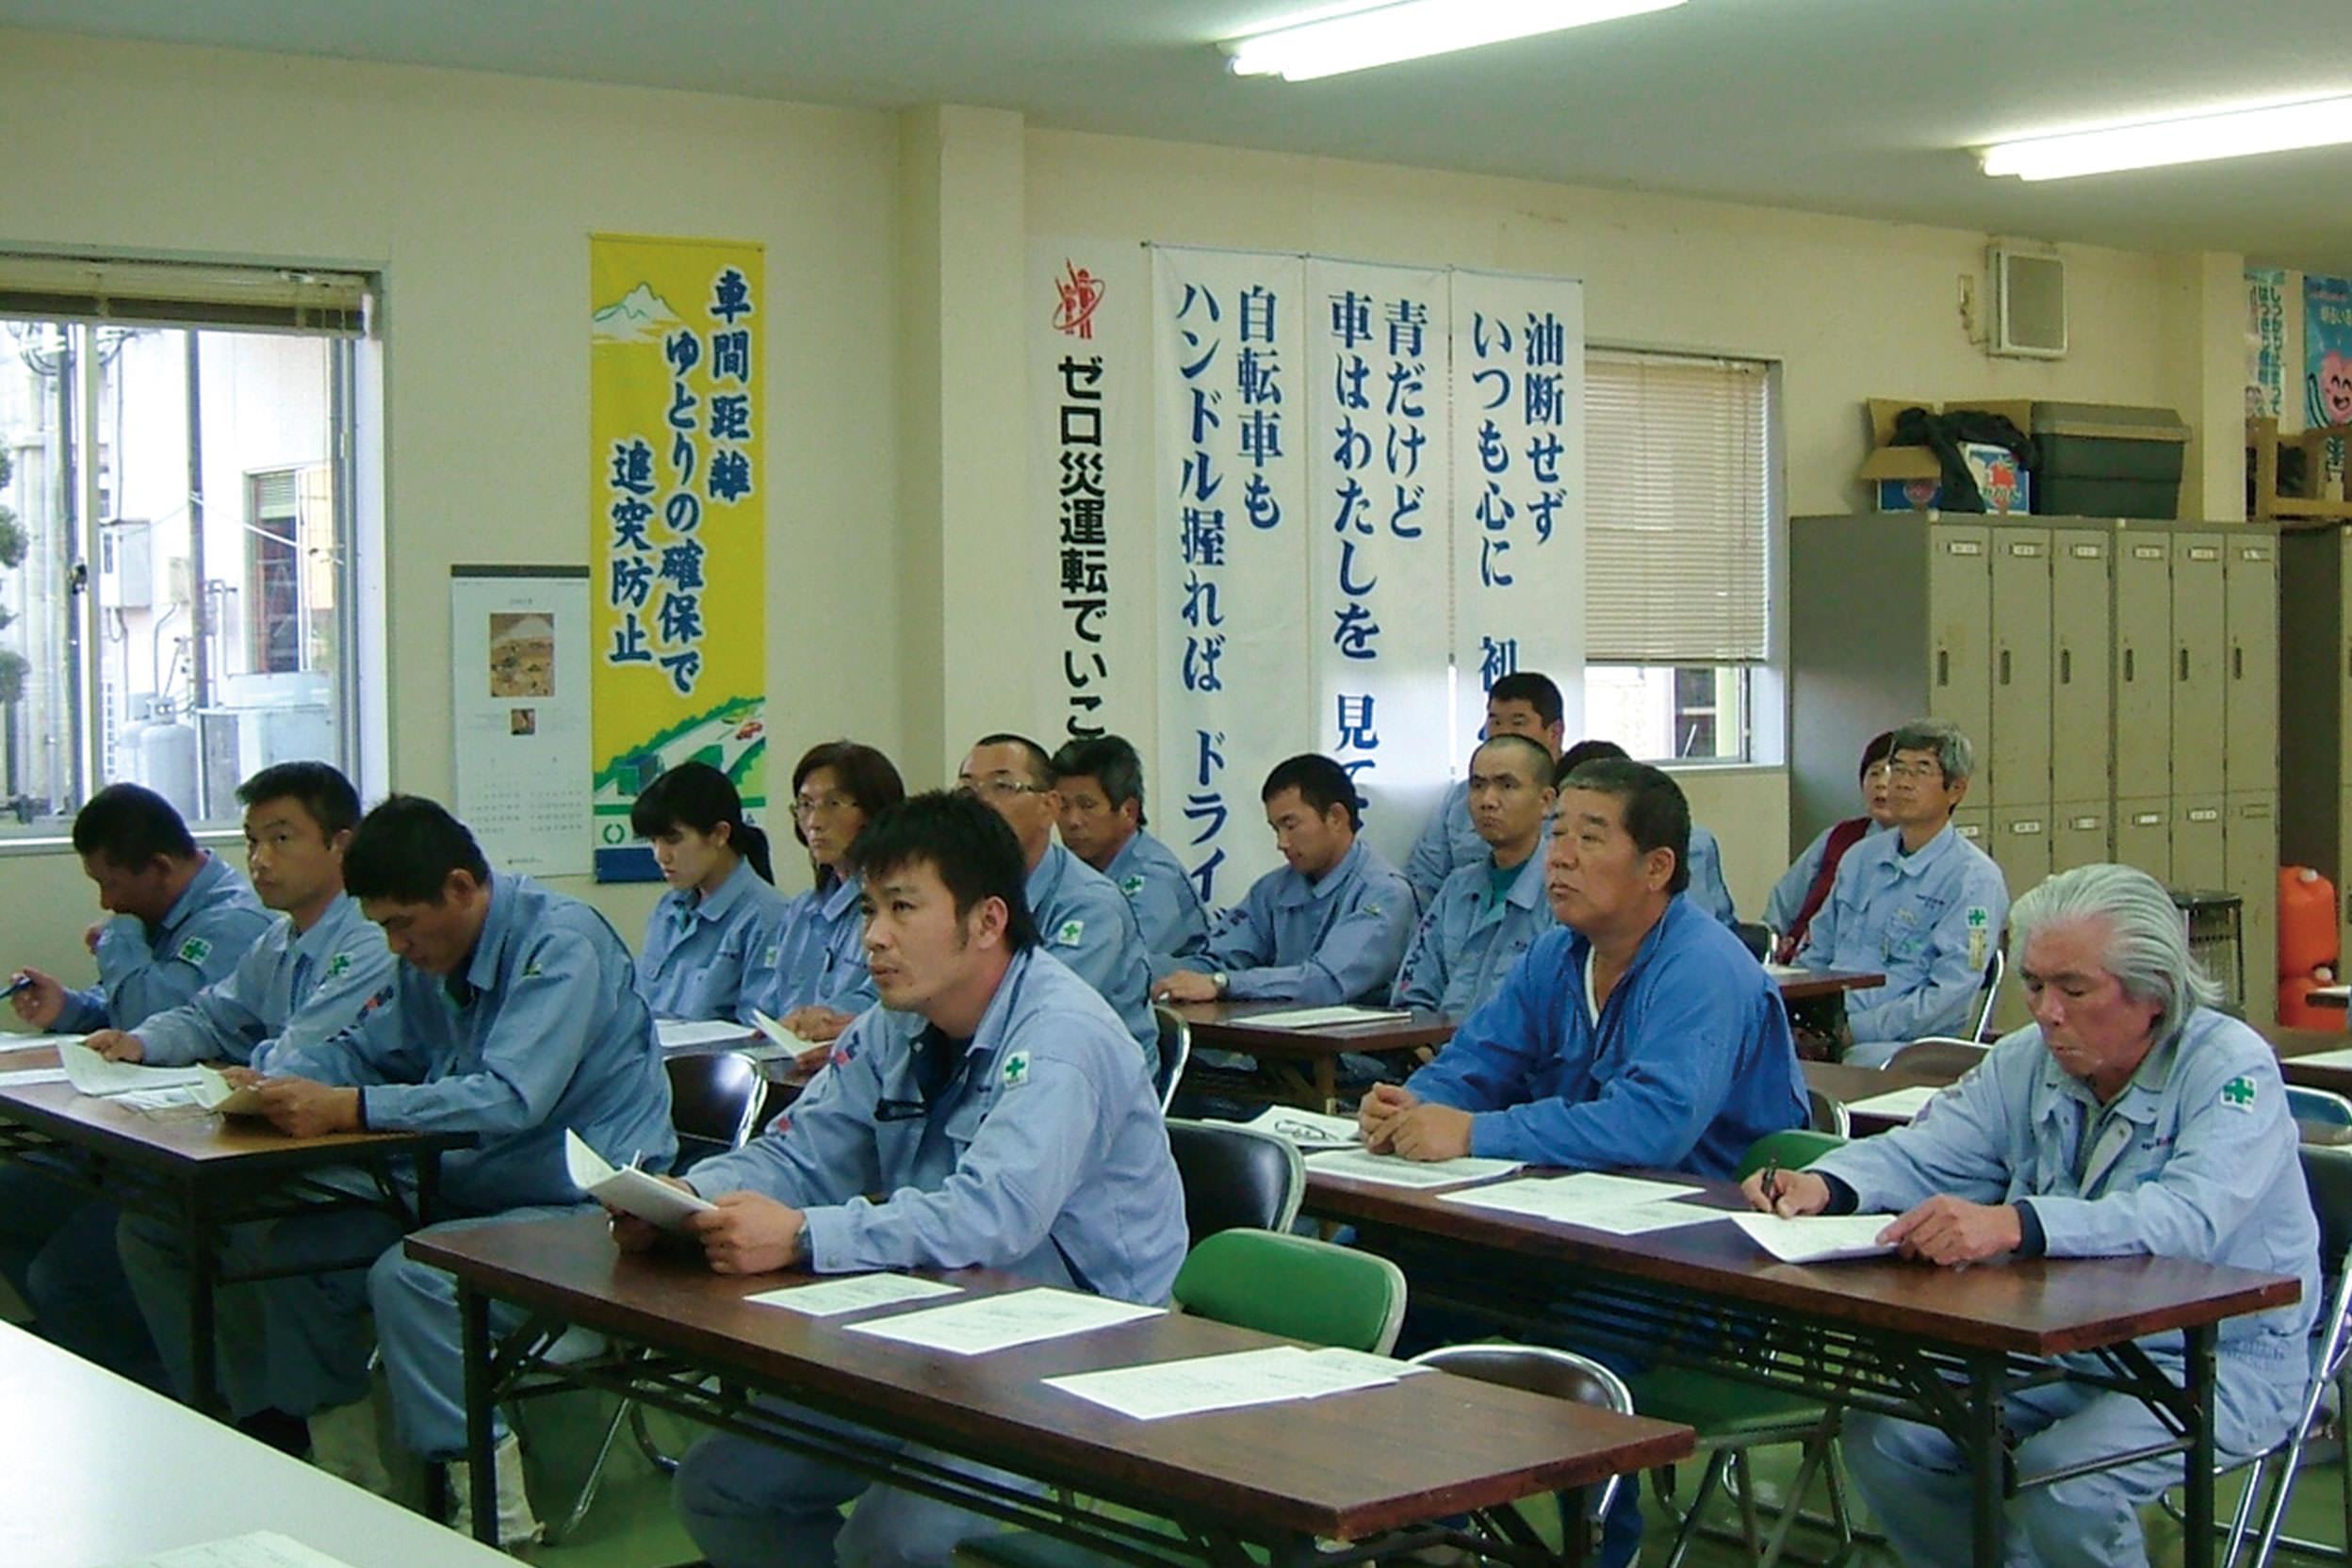 安全に関する教育及び研修